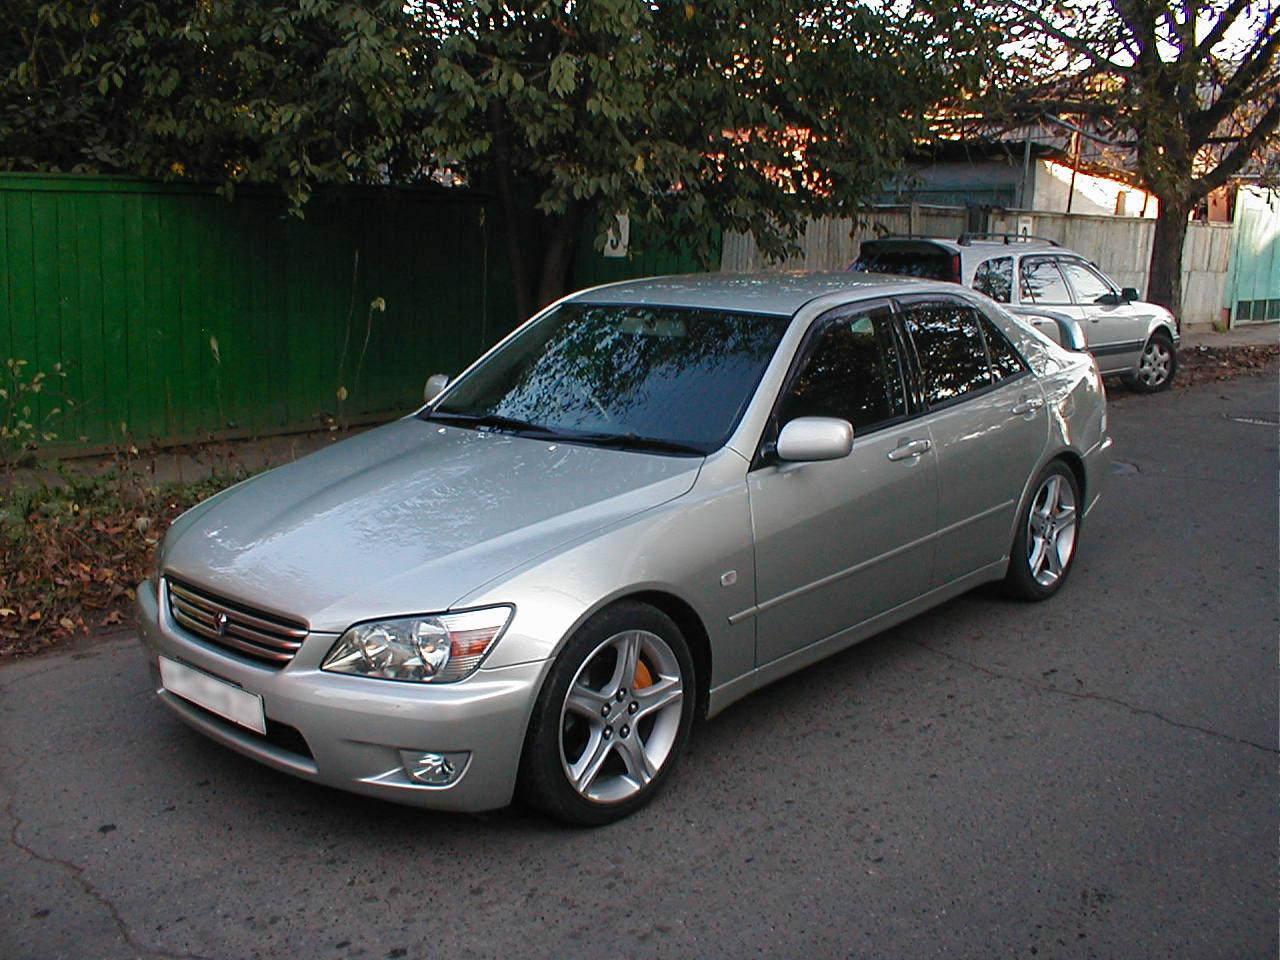 2001 b Lexus IS 200/b, Pictu…